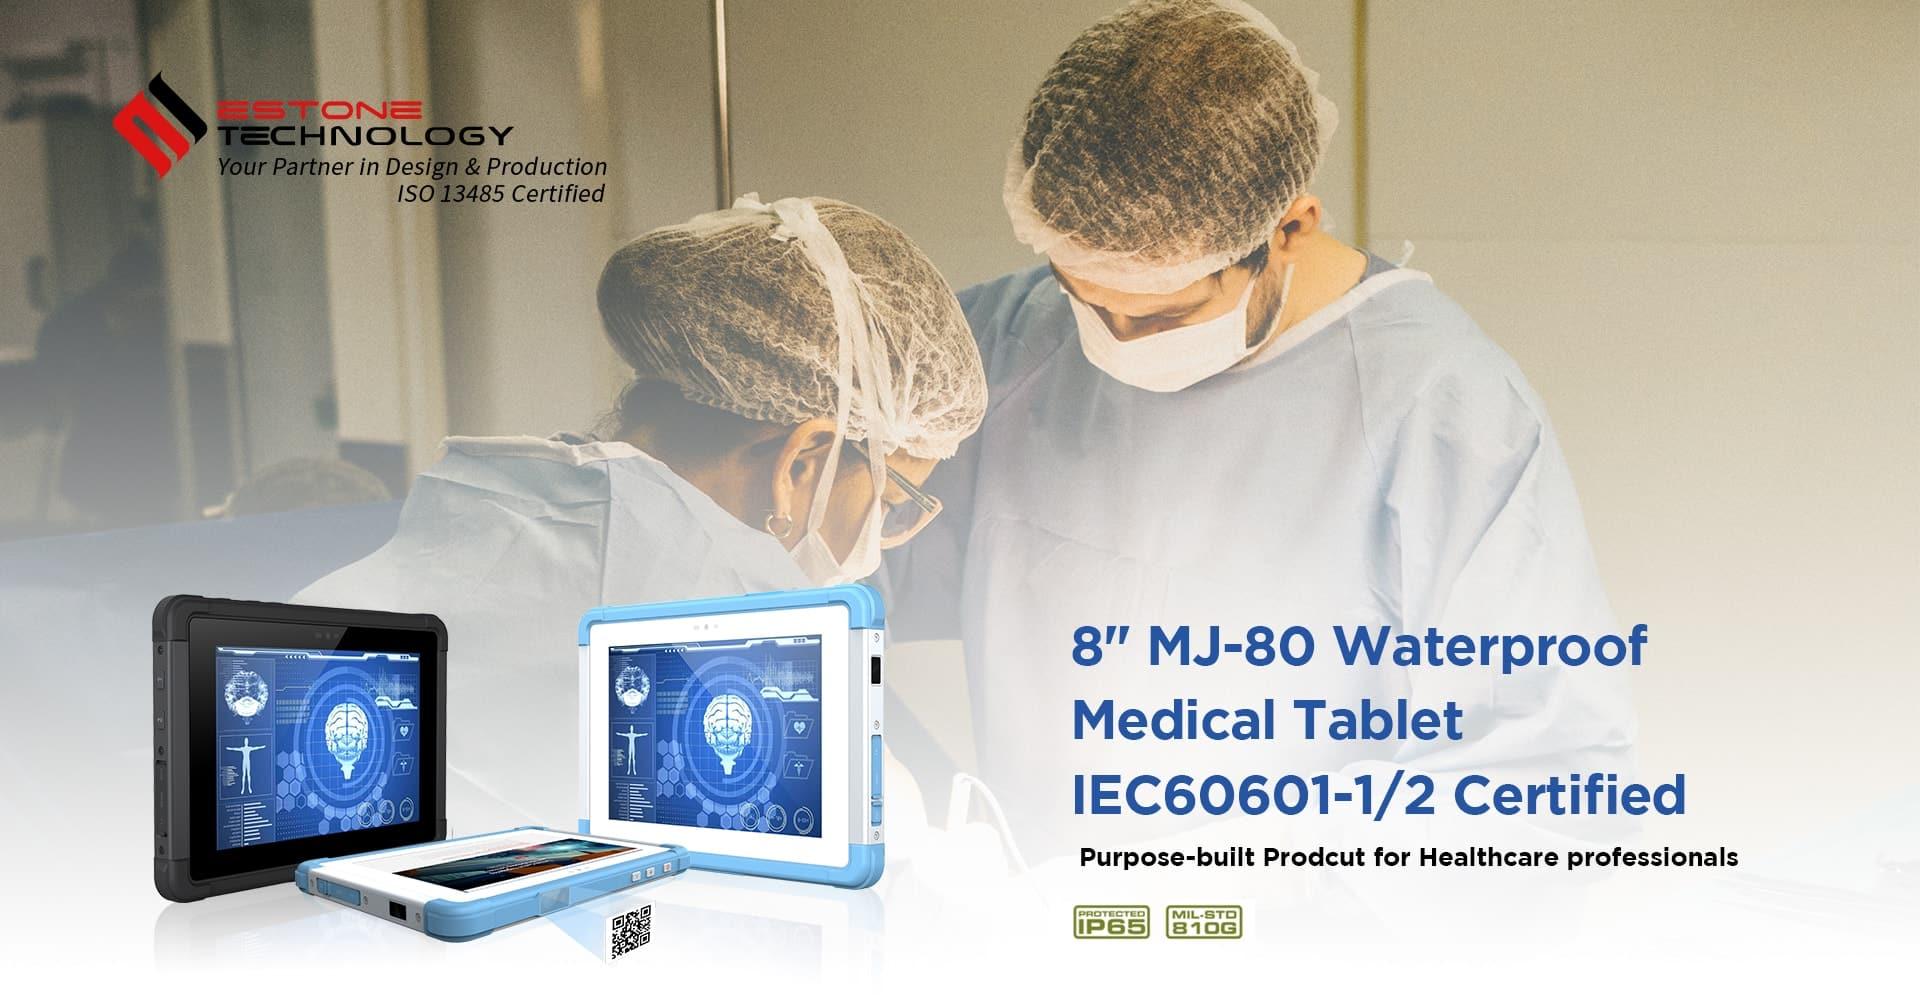 MJ-80 Waterproof Medical Tablet